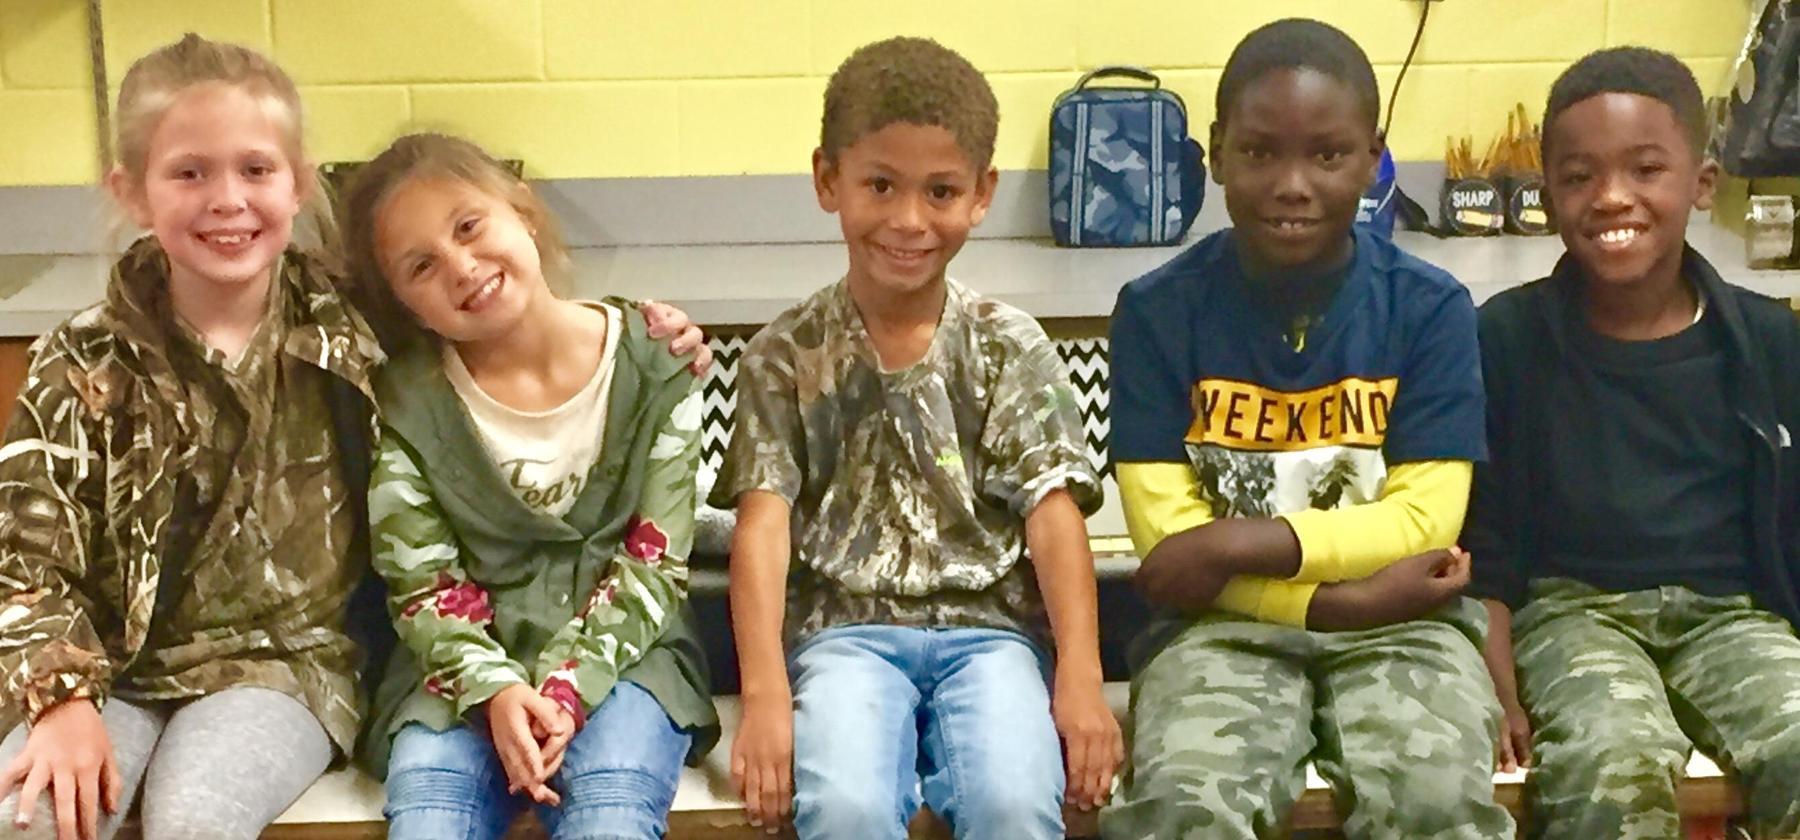 kids wearing camo